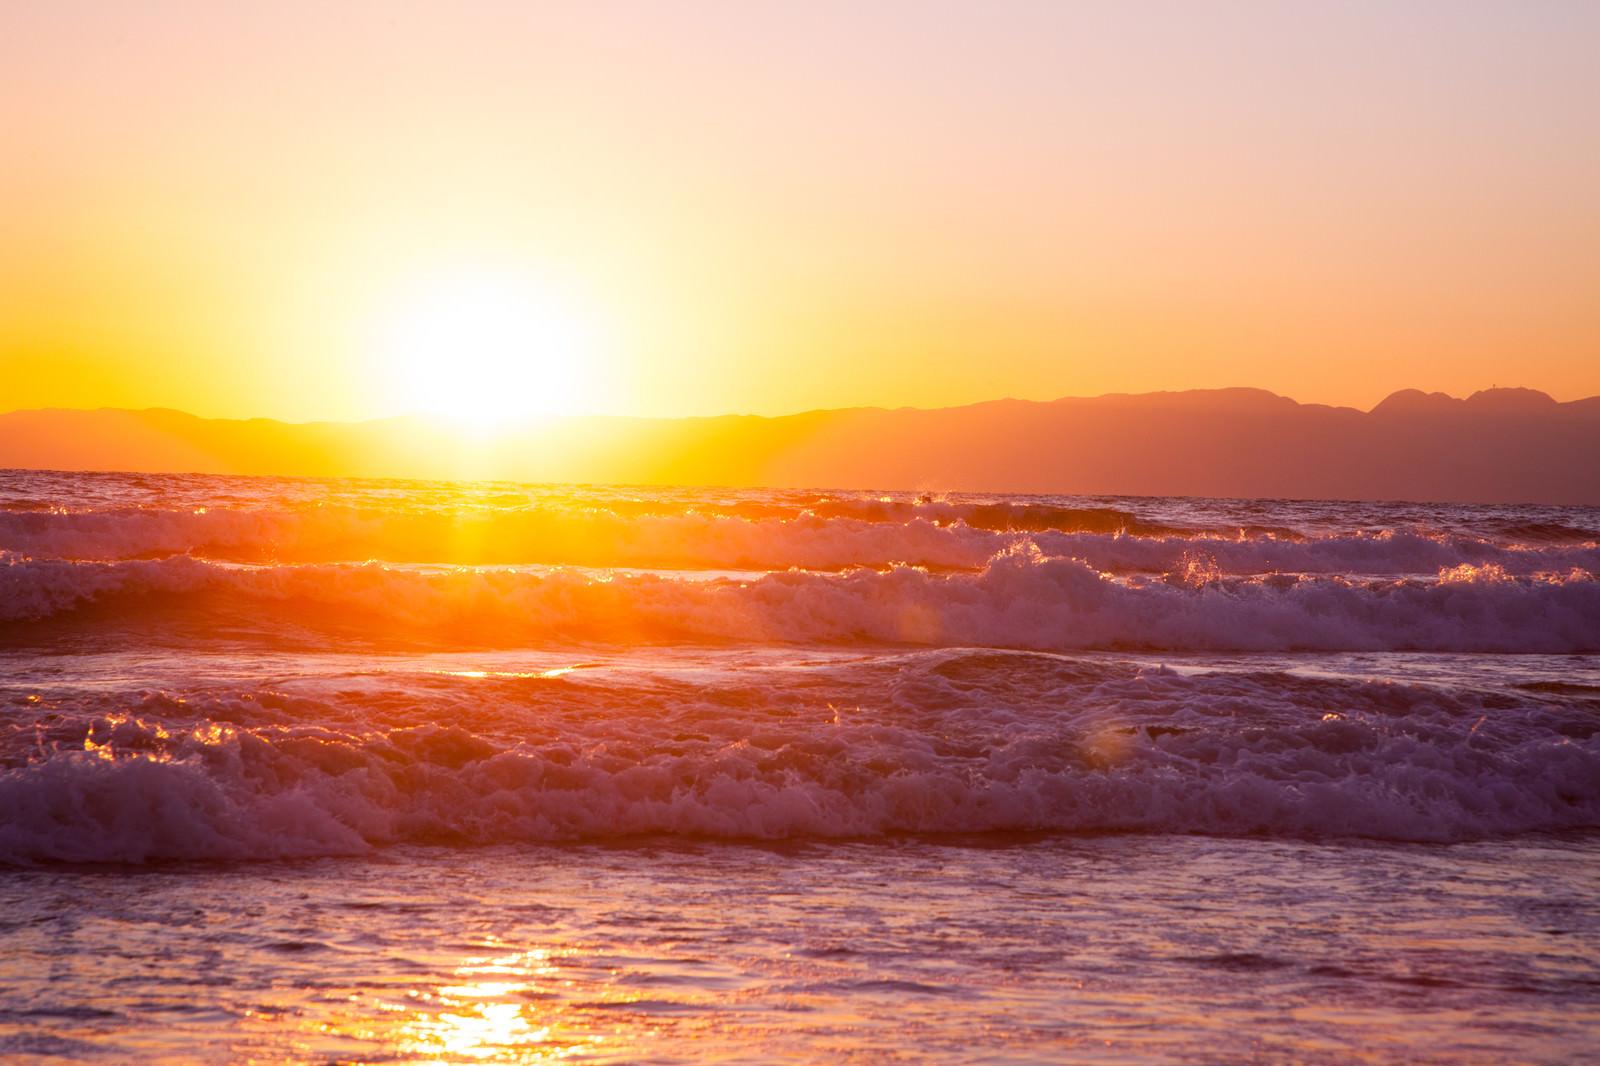 「荒波と日の出」の写真